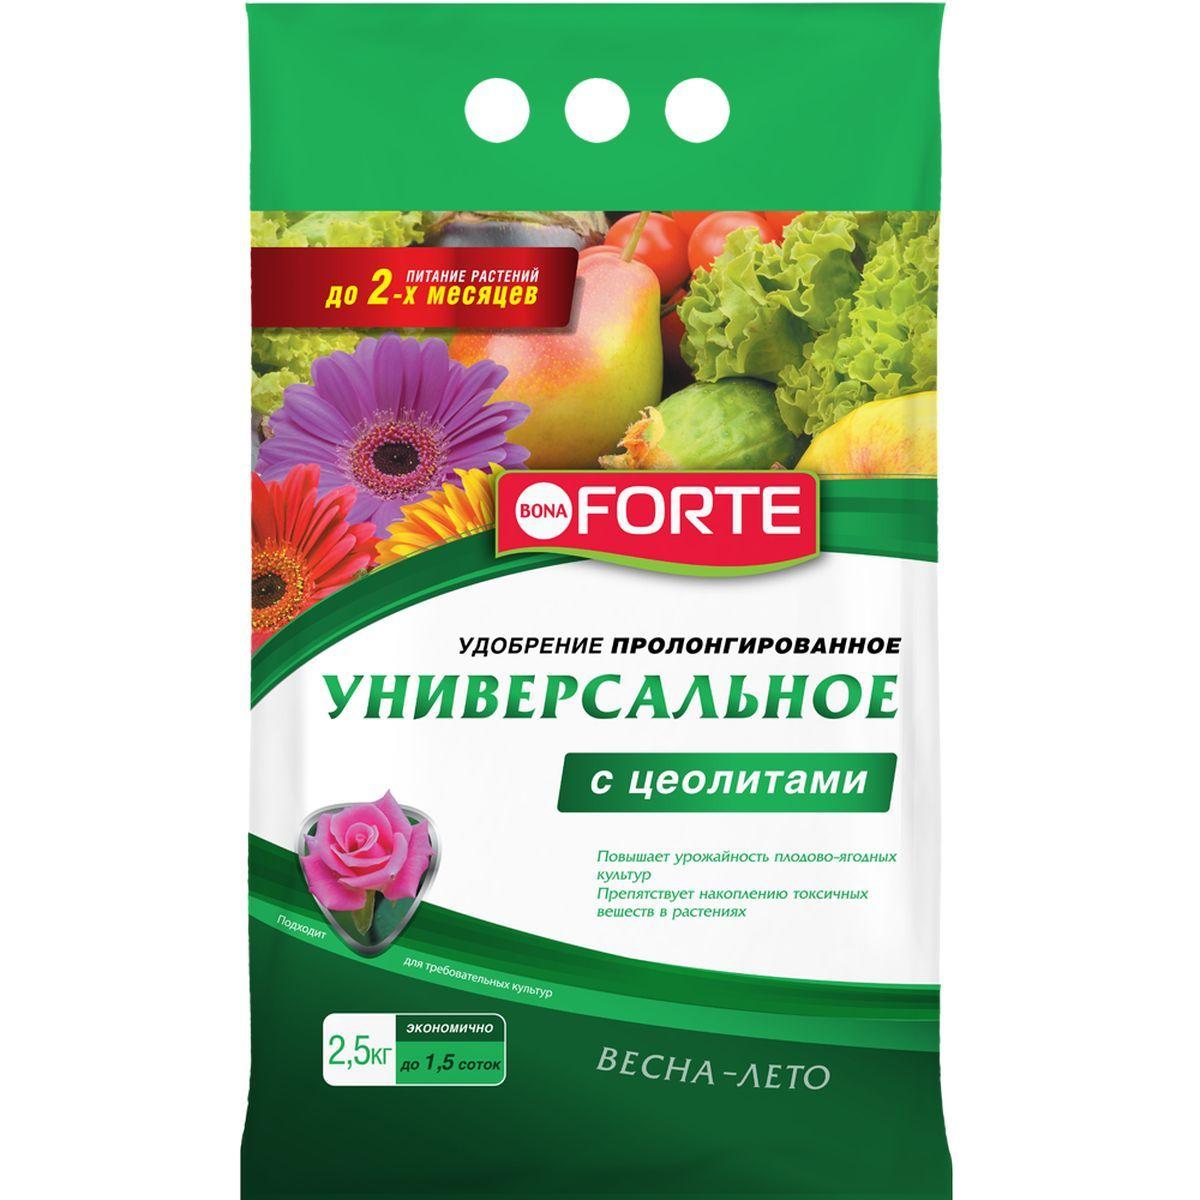 Удобрение Bona Forte, универсальное, с цеолитом, 2,5 кгBF-23-01-034-1Для овощных, плодовых, ягодных, декоративных и цветочных культур. Удобрения дополнительно обогащены ЦЕОЛИТОМ, который имеет уникальные полезные качества: - удерживает влагу и питательные вещества в корнеобитаемой зоне растений; - снижает стрессы растений при посадке и пересадке; - обеспечивает оптимальный воздушный режим даже при максимальном насыщении грунта водой; - делает удобрения пролонгированными